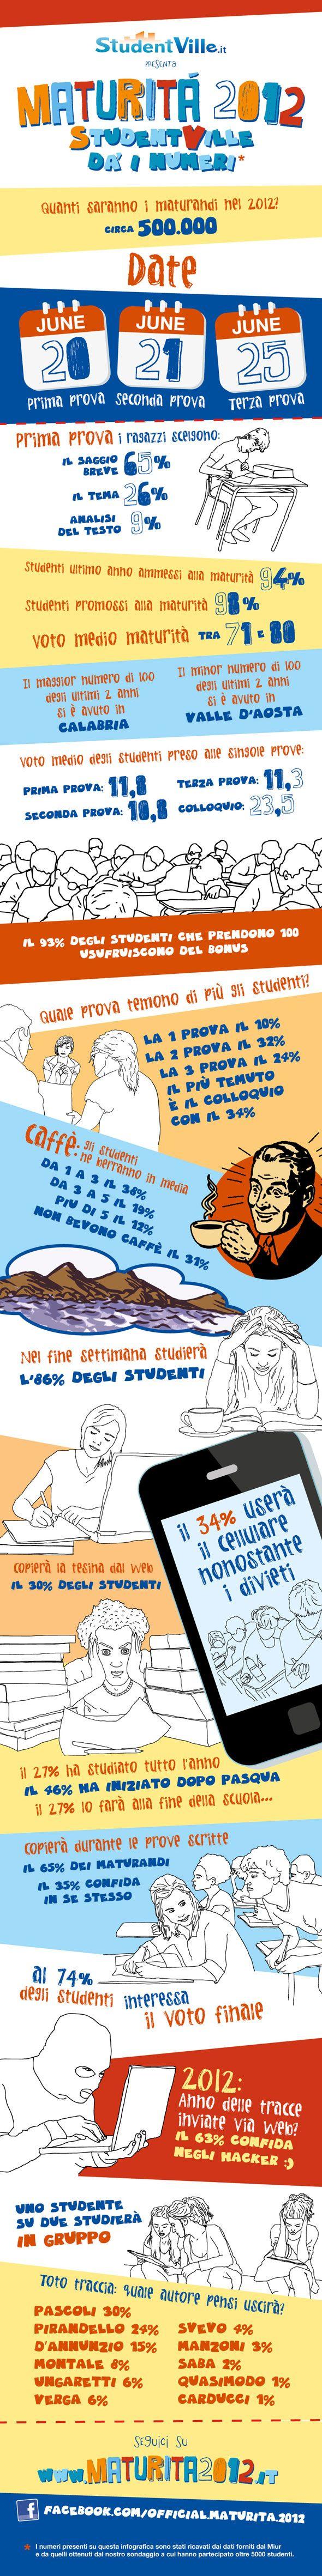 Maturità 2012: StudentVille vi dà i numeri. Volete sapere quanti saranno i maturandi del 2012? Quanti caffè berranno? Quale sarà la prova più gettonata o quale autore pensate uscirà?! Tutto questo nella nostra infografica.